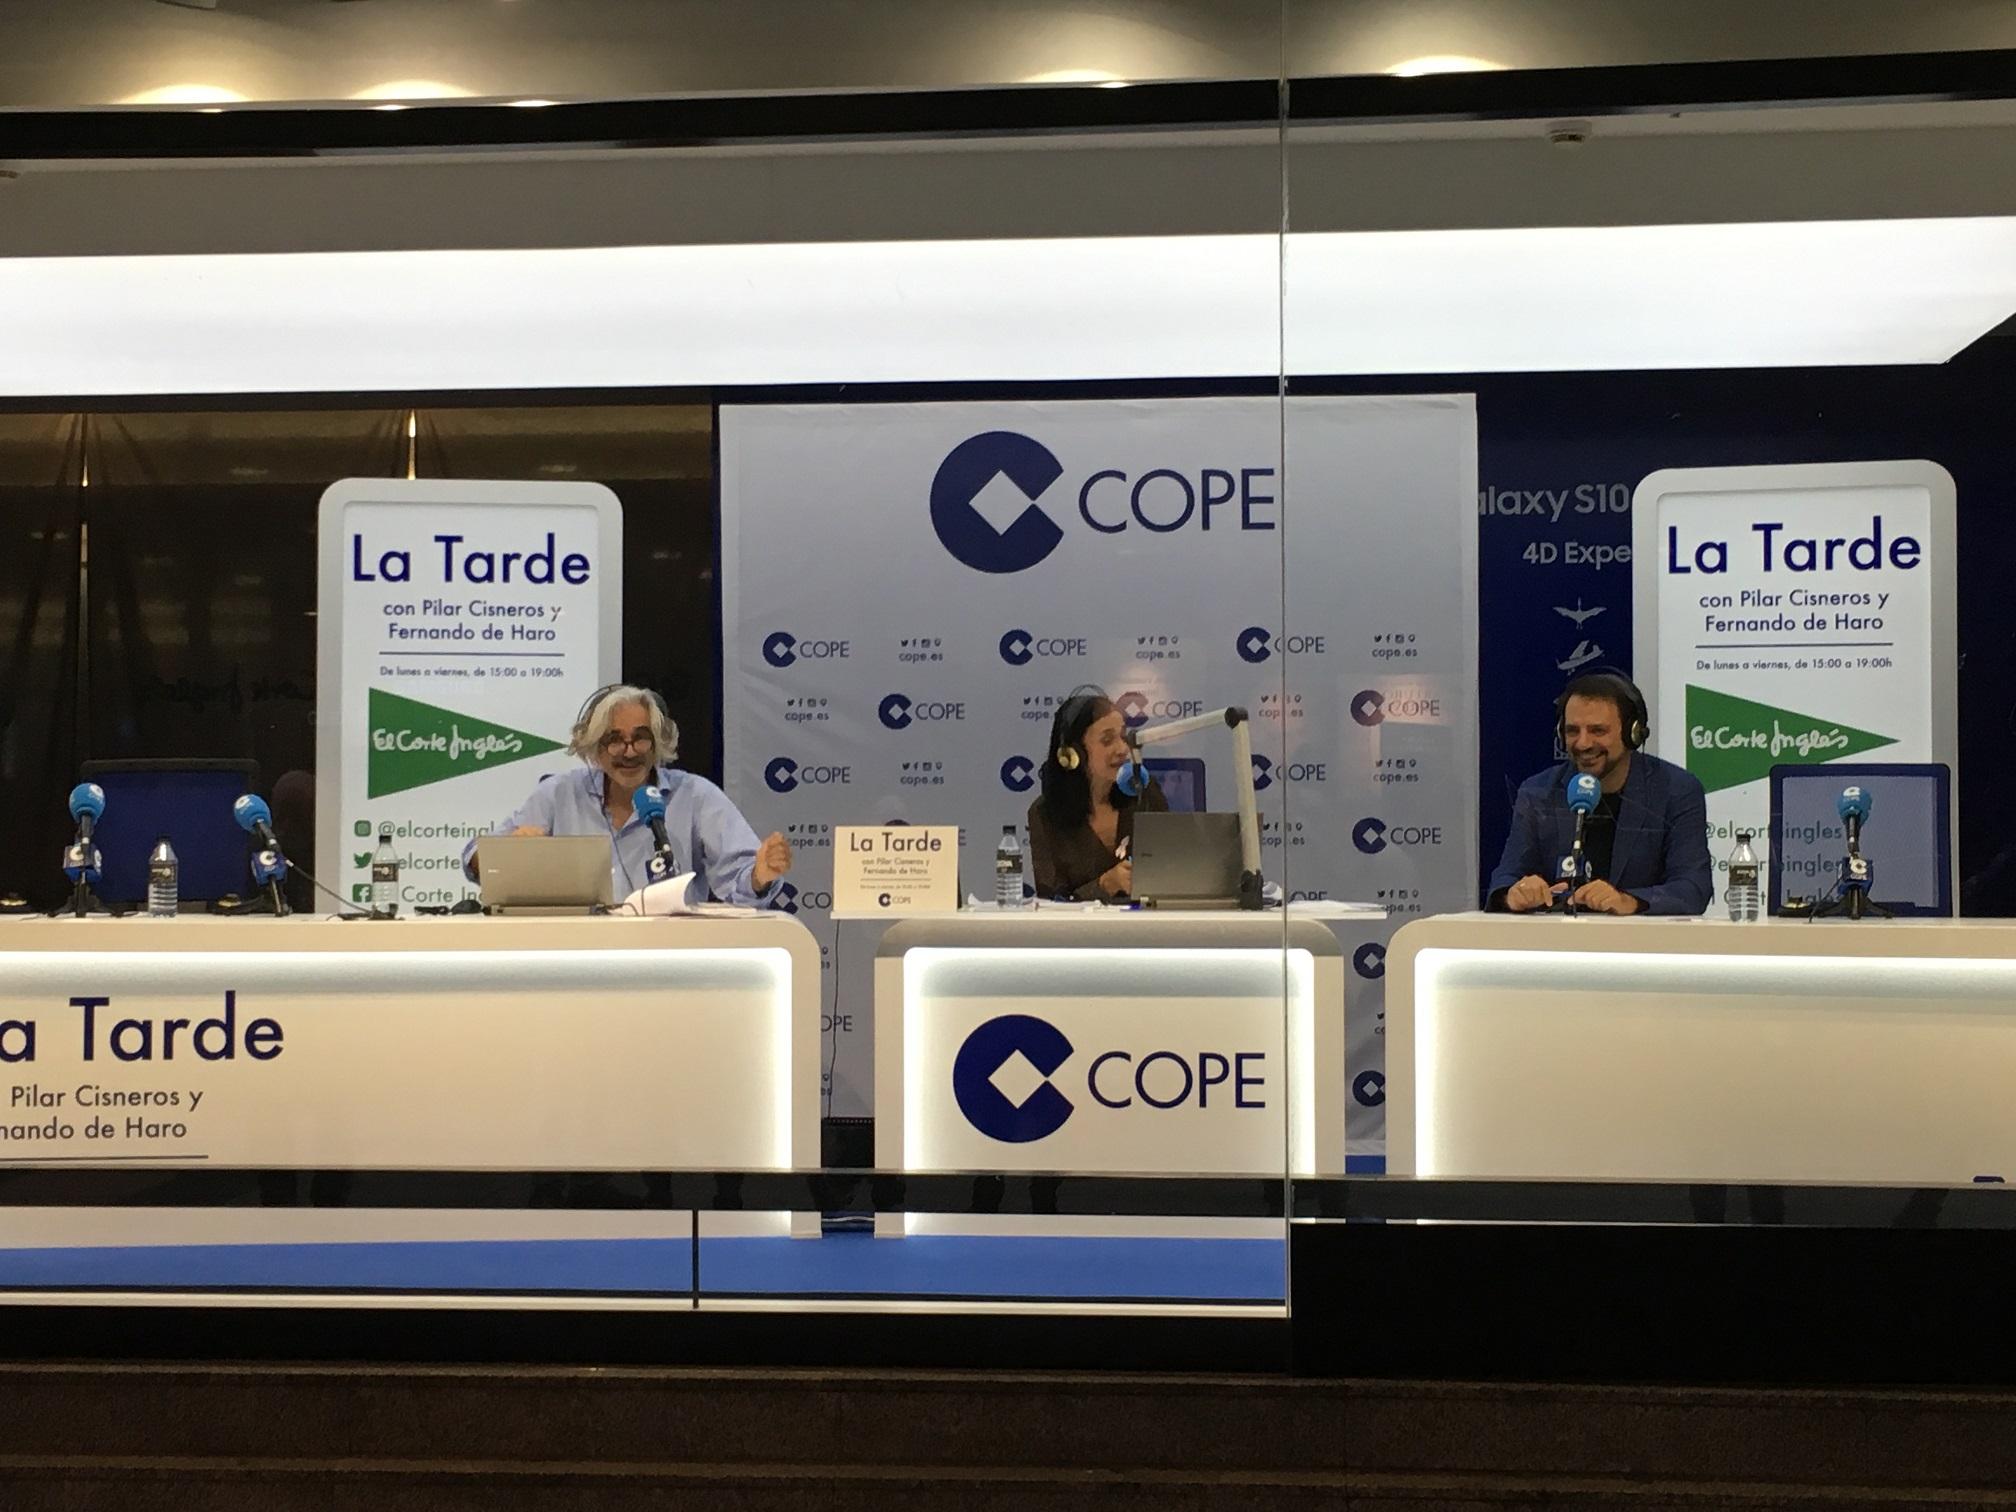 La Tarde de COPE en El Corte inglés de Callao en apoyo a la lucha contra el cáncer de mama - Cadena COPE - Fernando de Haro - Pilar Cisneros - Juan Solo